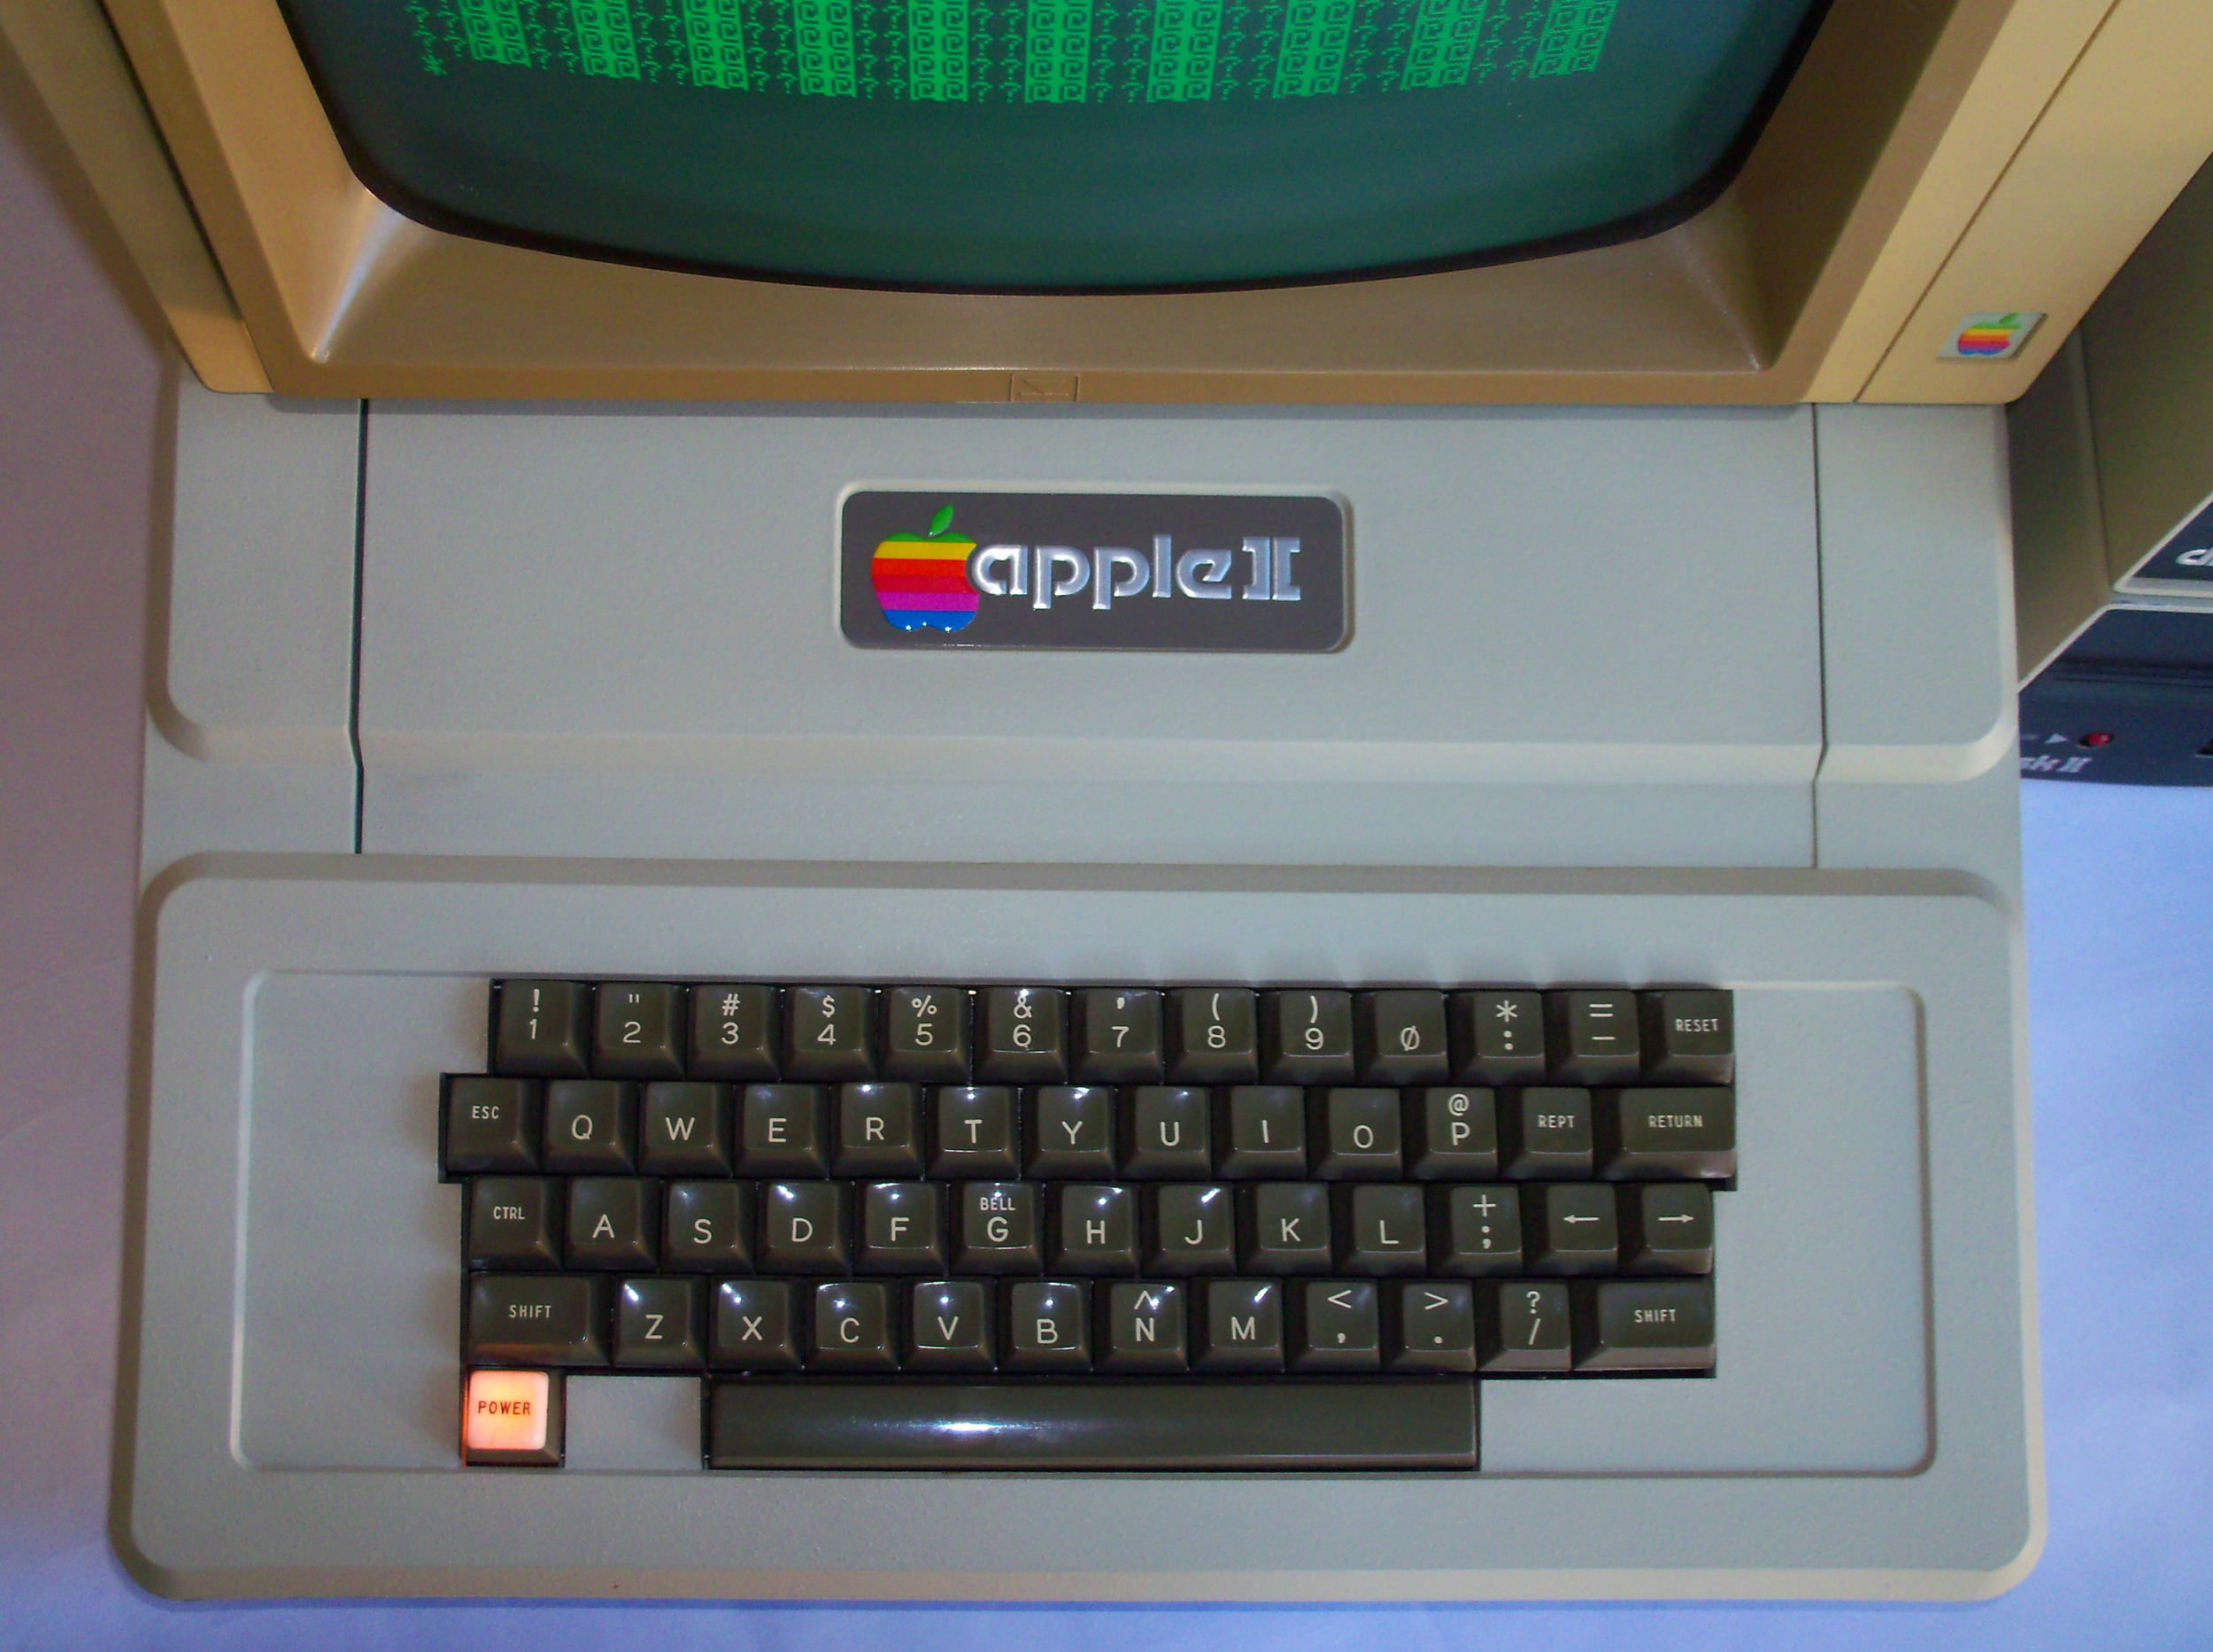 apple ][ keyboard